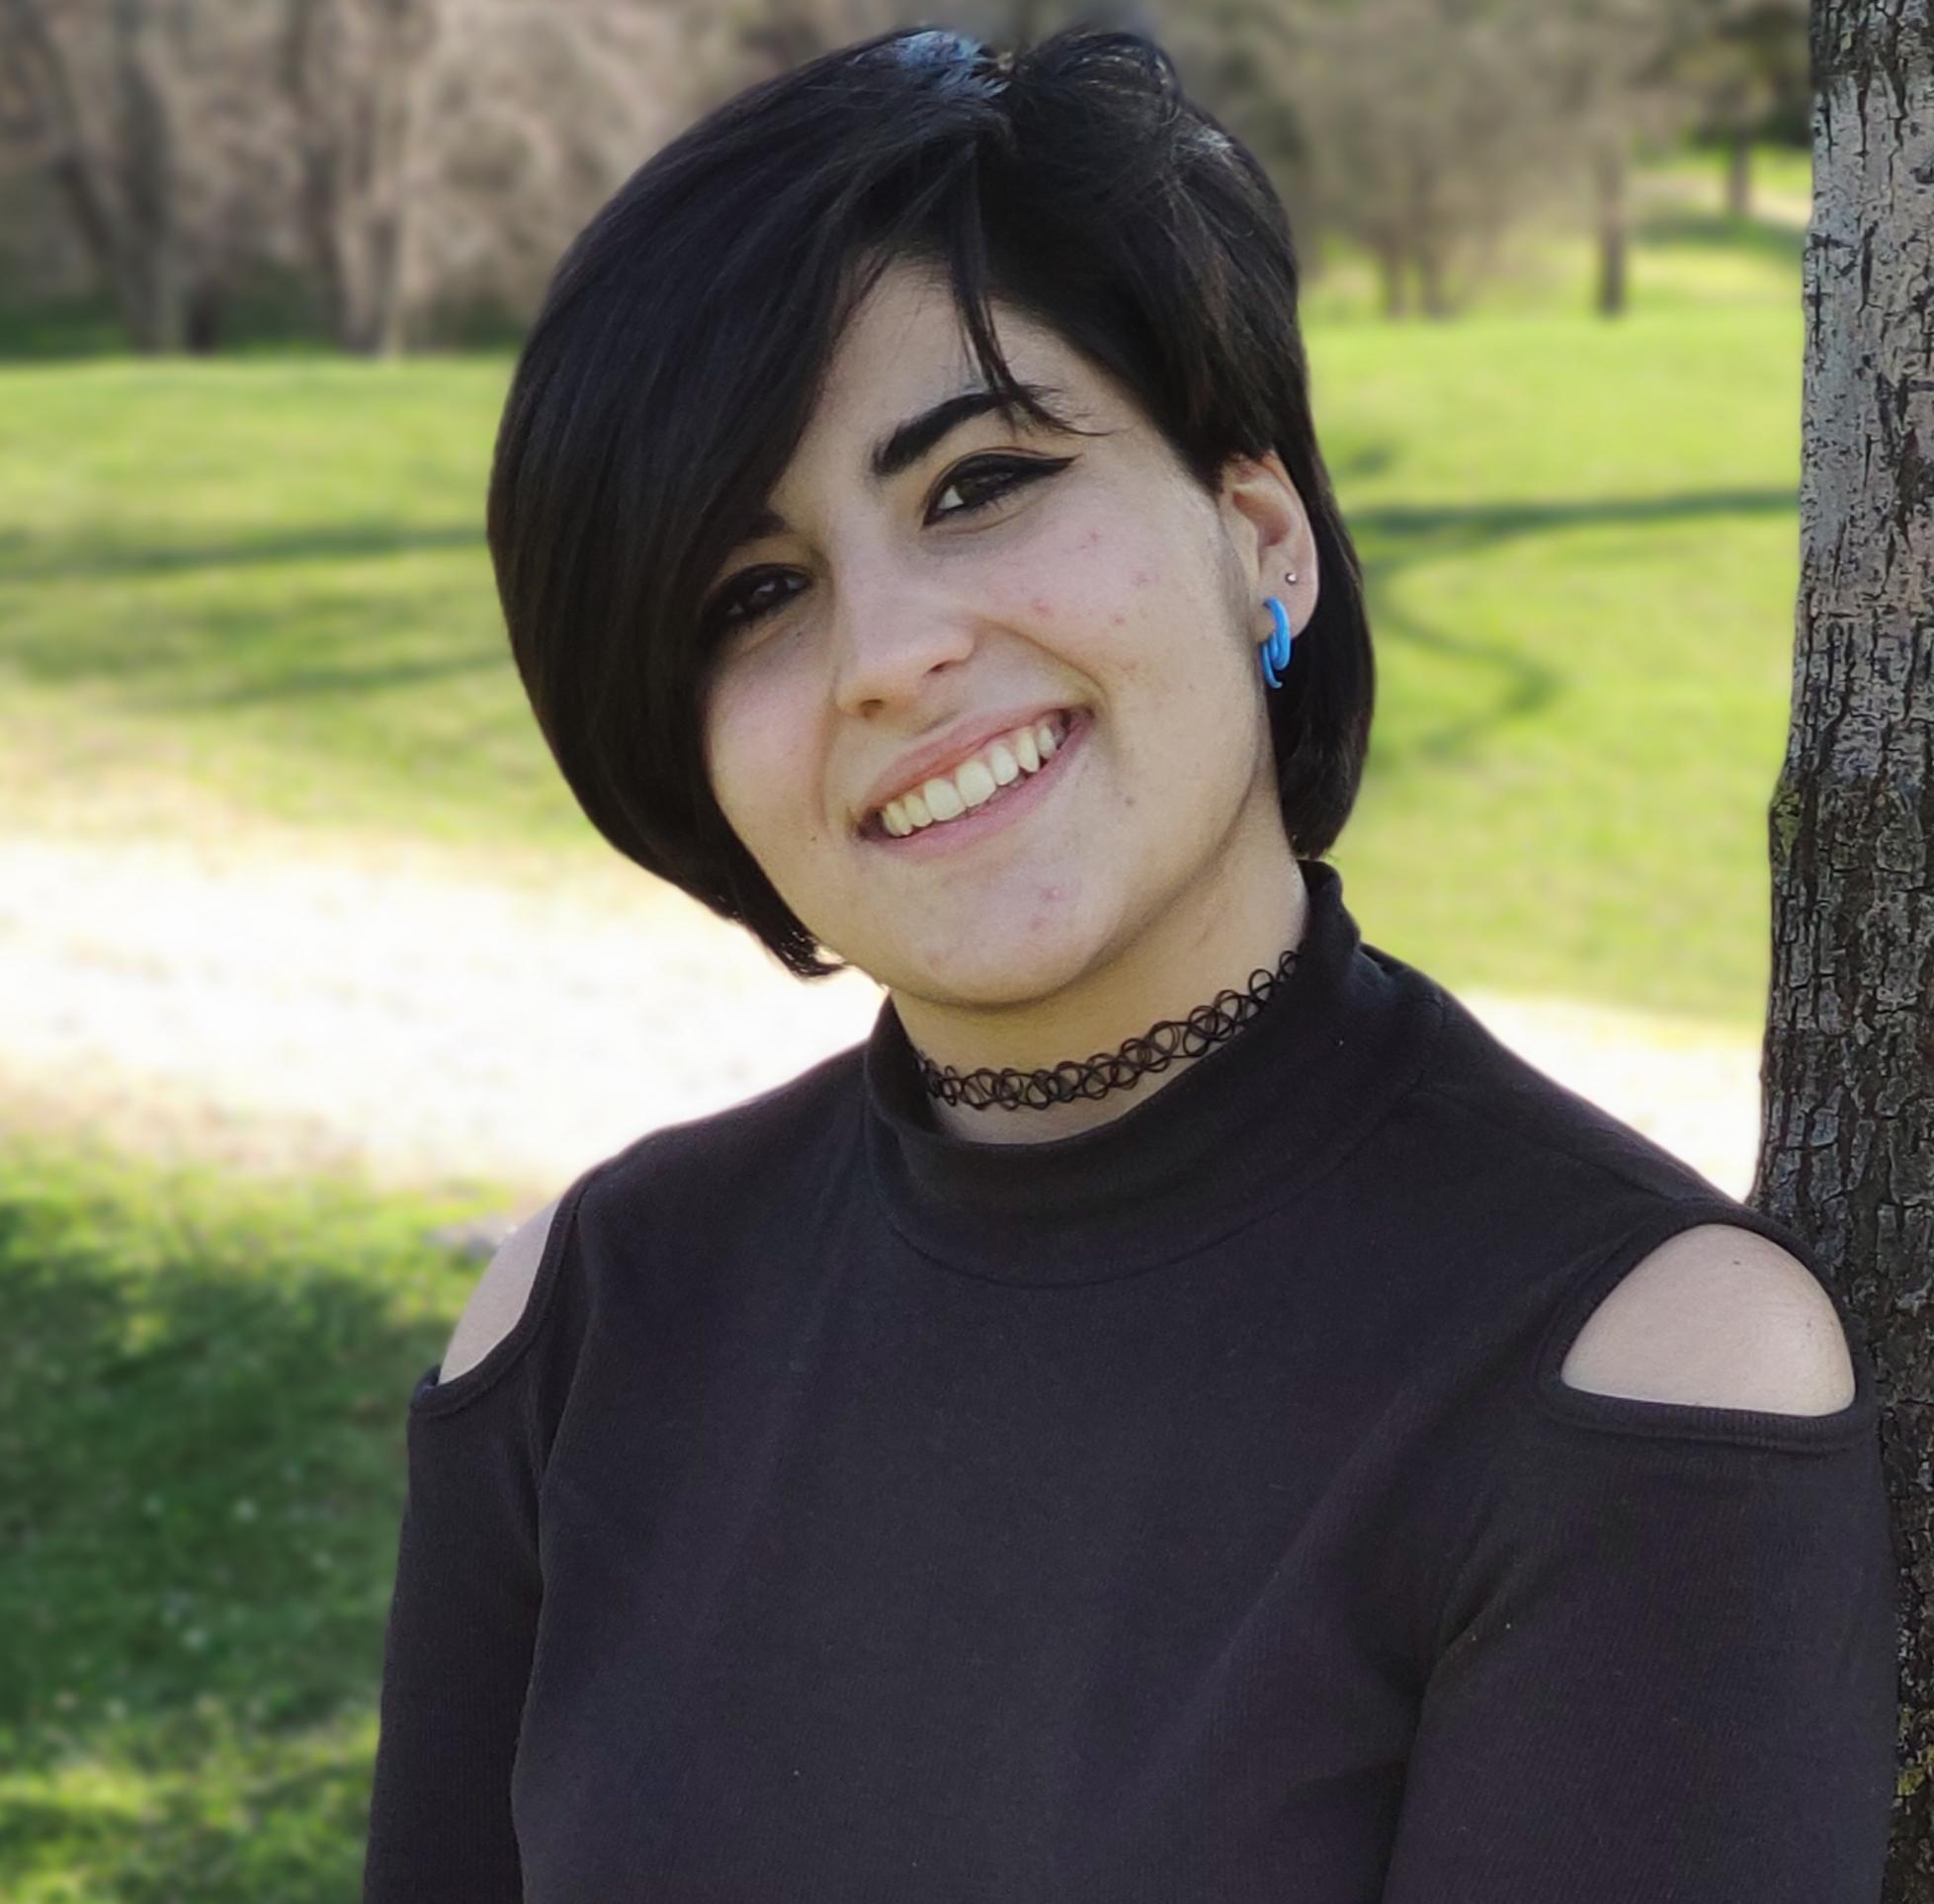 Emma Hurtado